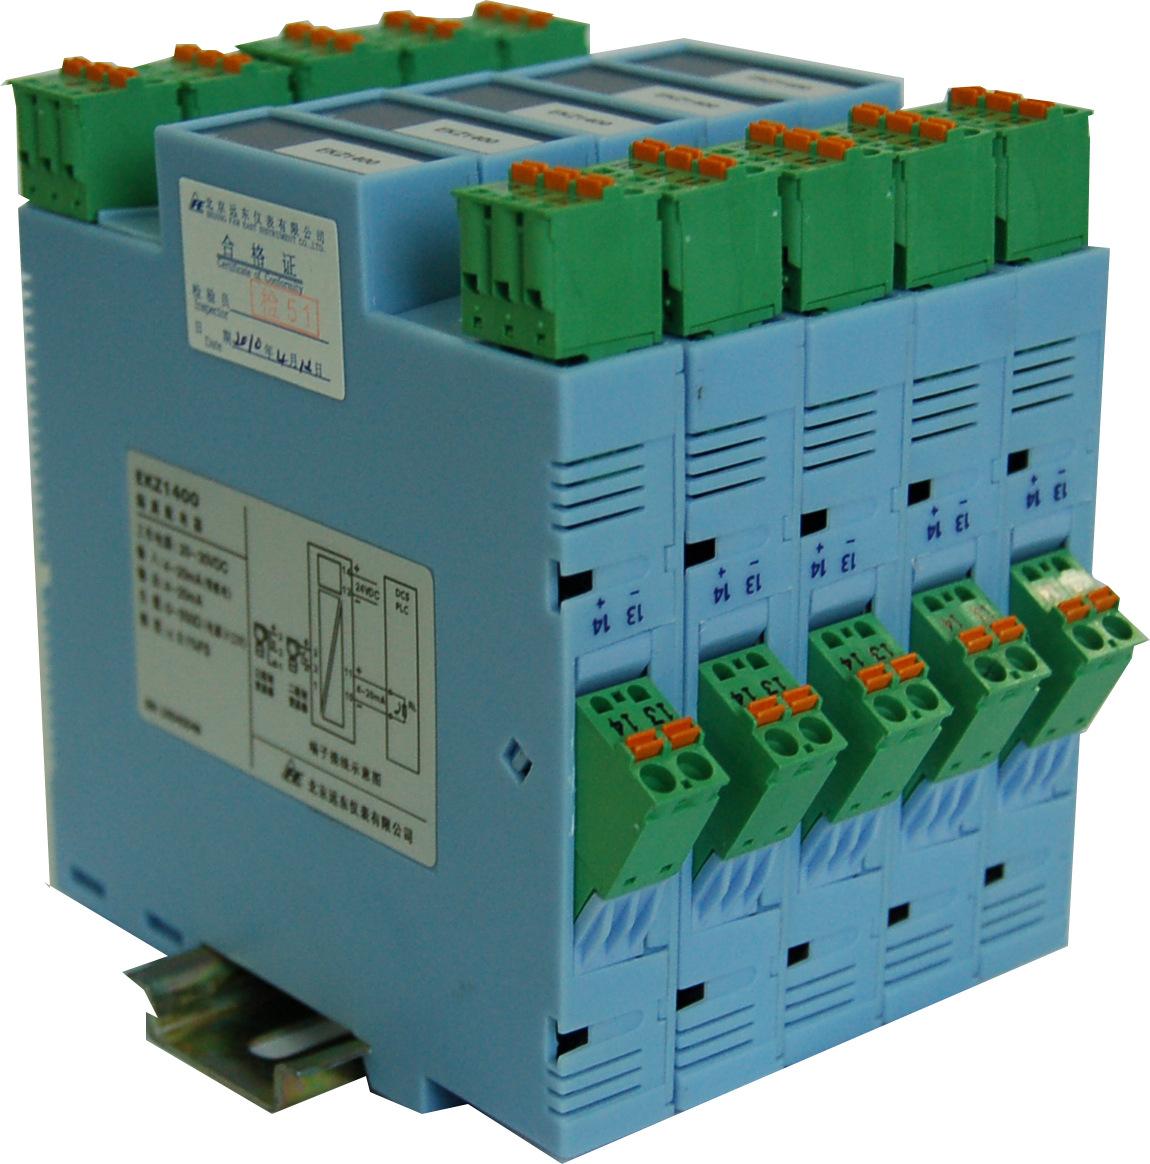 HUAERRUI Rờ -lê bán dẫn  thông minh siêu mỏng | kênh đơn | hệ thống hai dây 24V 4-20MA